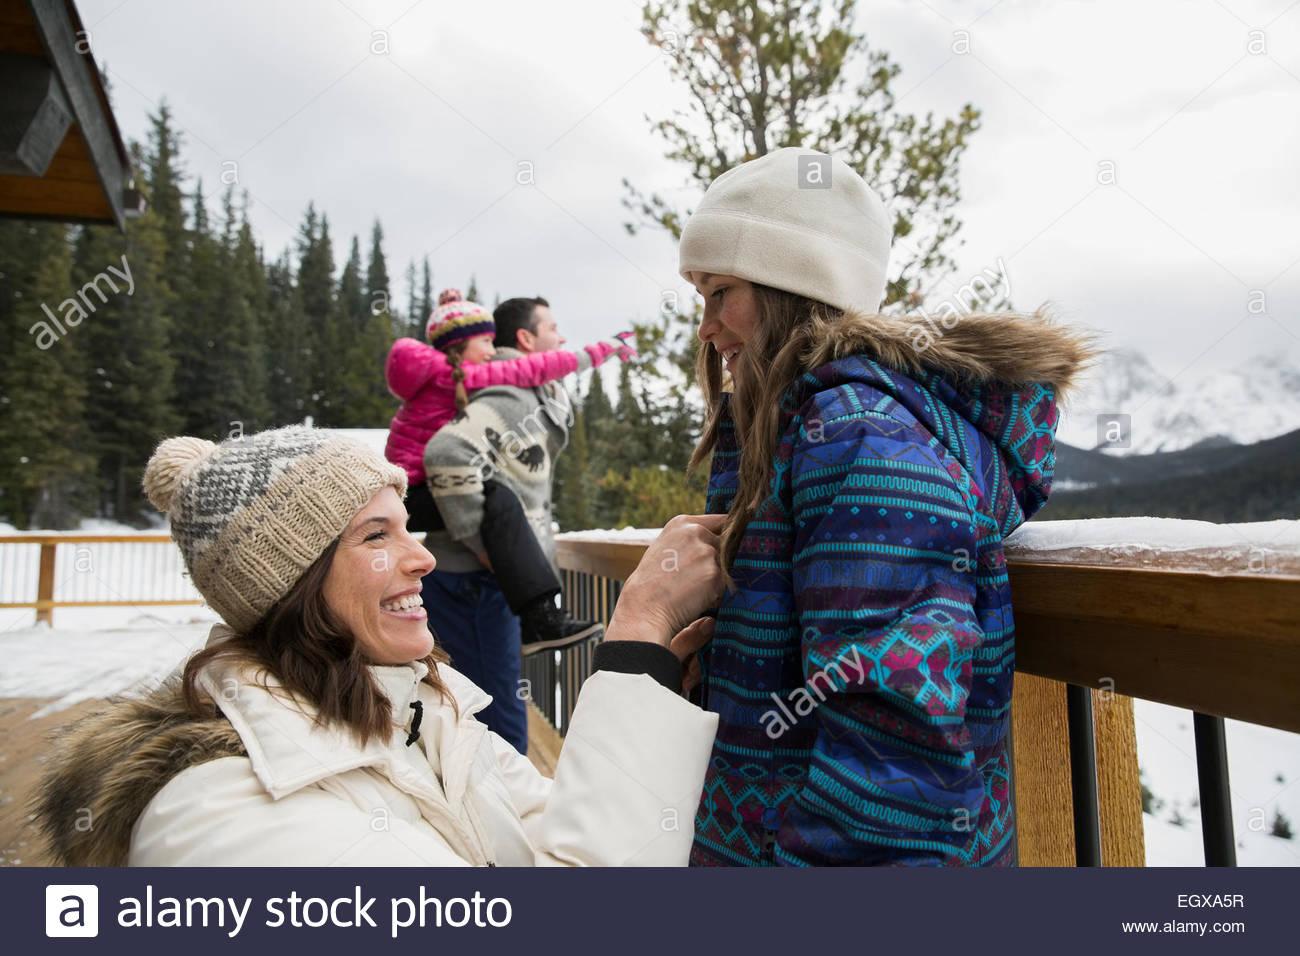 Madre aiutare mia figlia con la casacca sul ponte di neve Immagini Stock